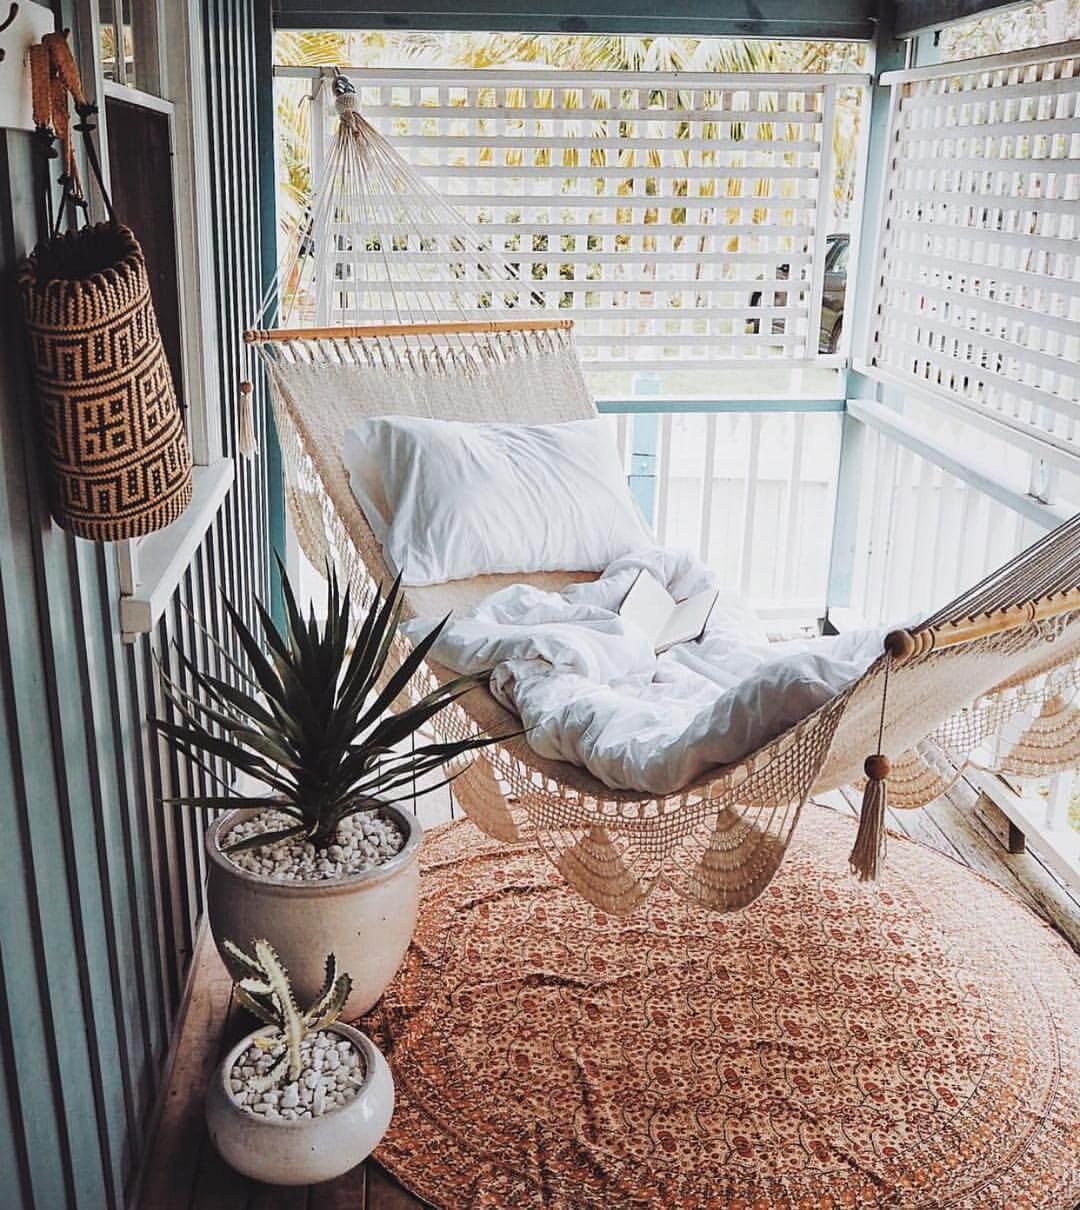 A chic hammock on a boho balcony